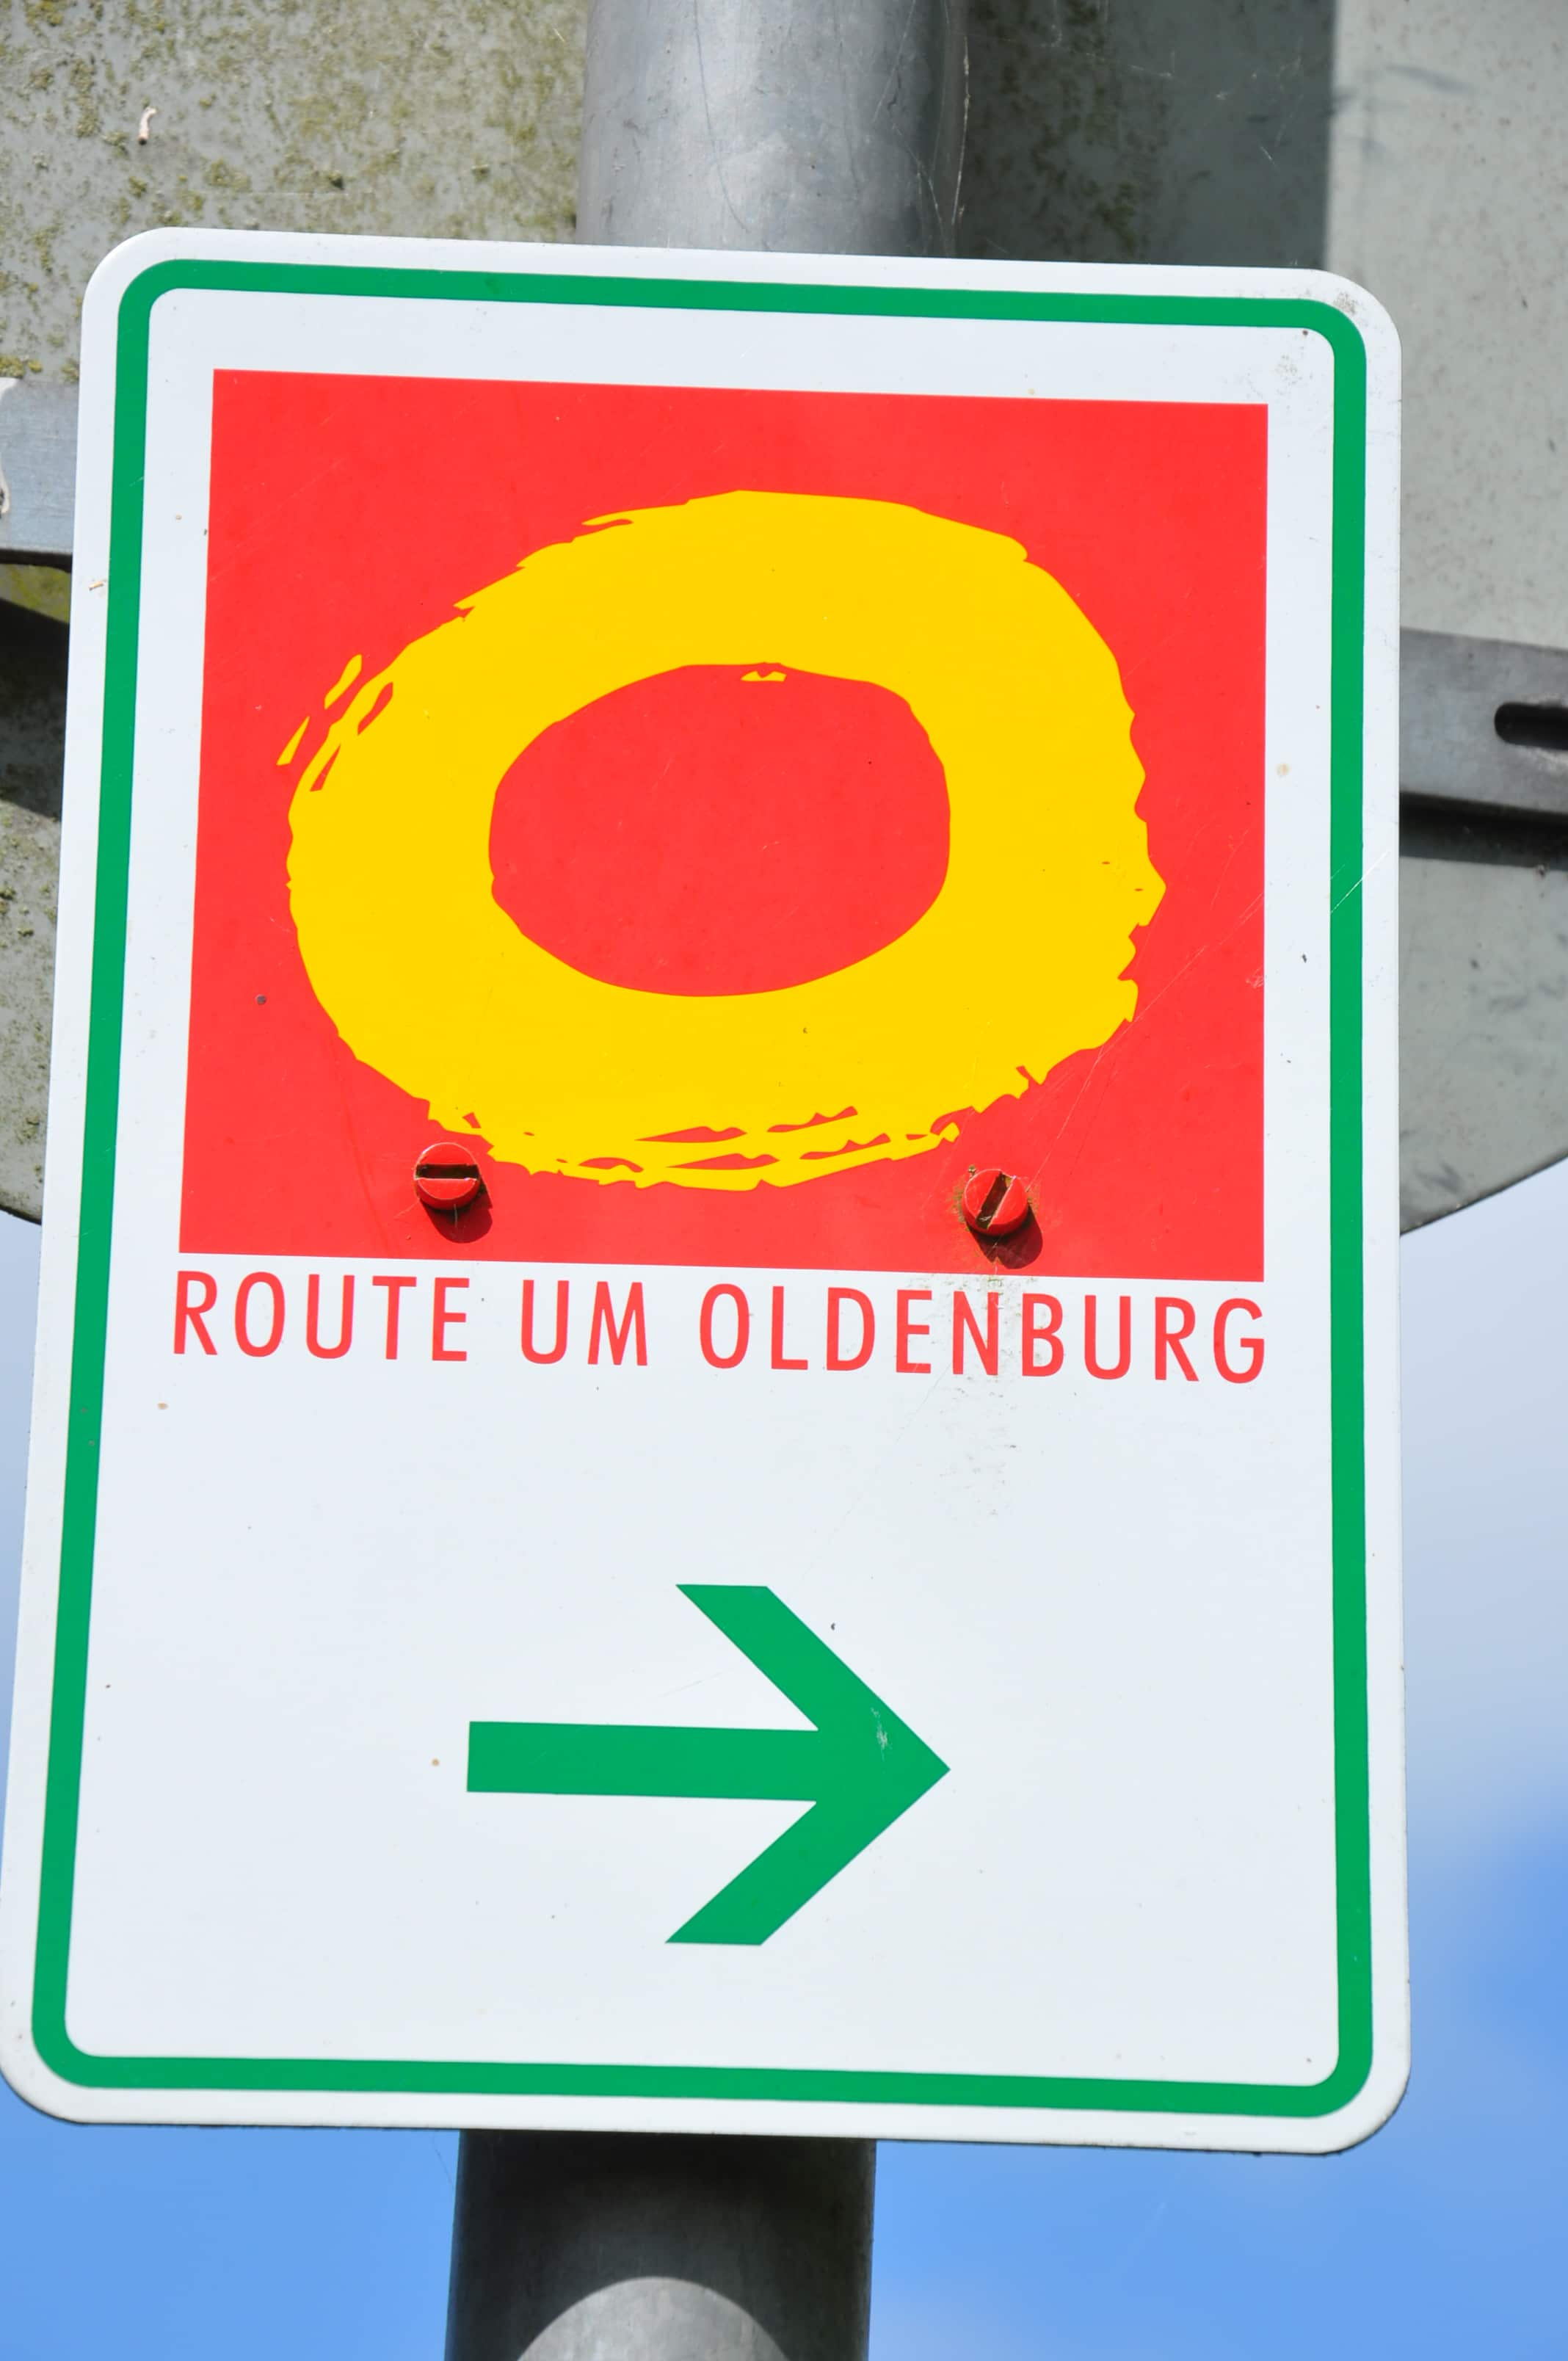 Beschilderung Route um Oldenburg